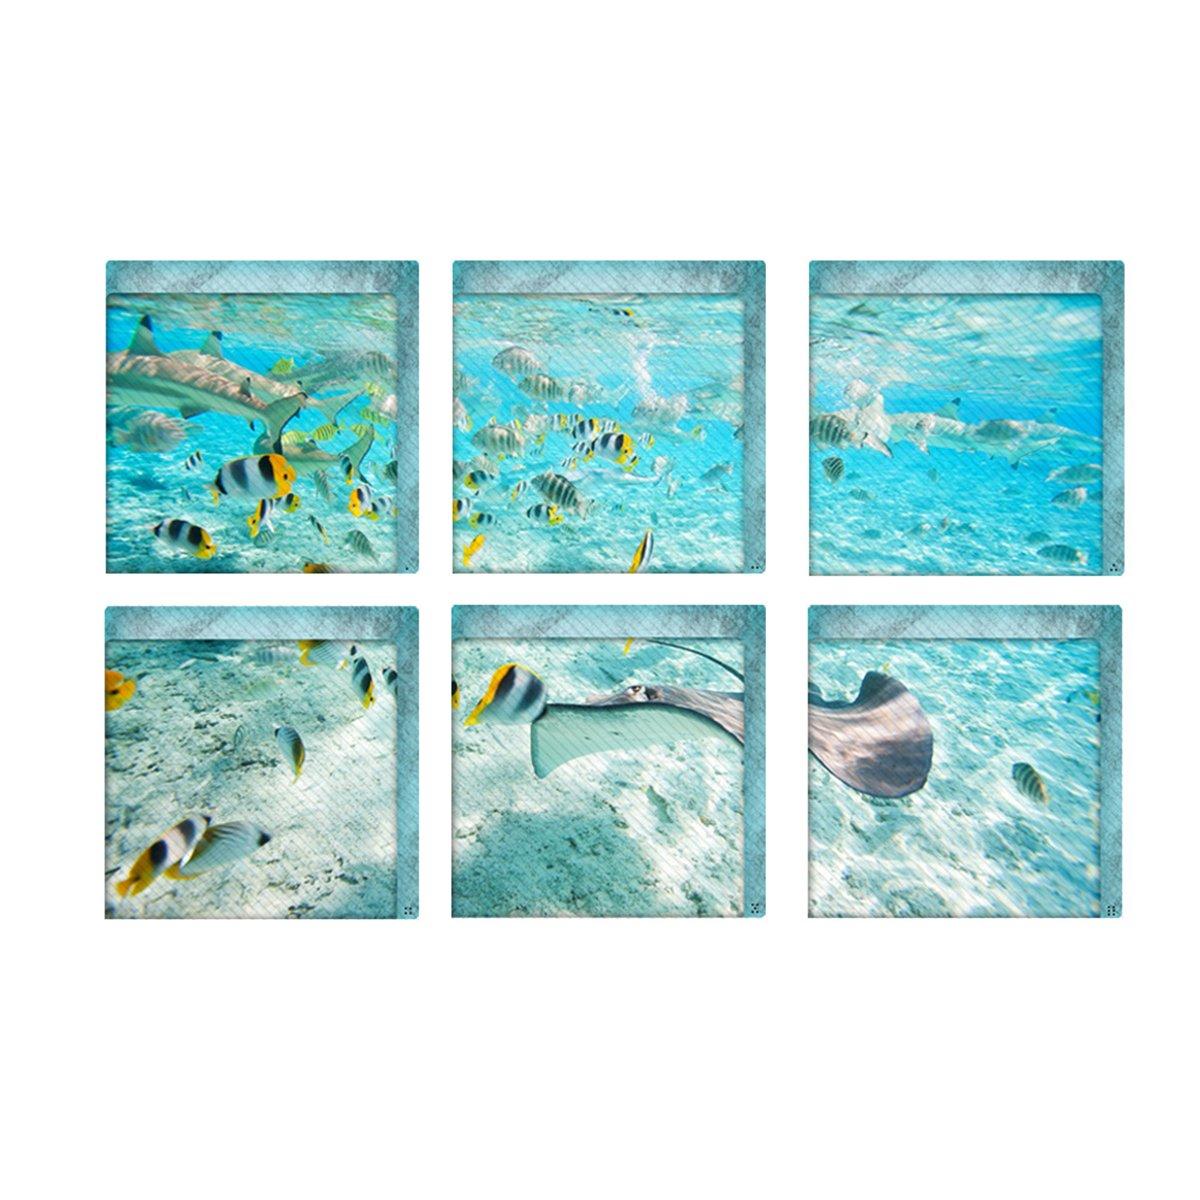 OUNONA 6 Pcs The Underwater World Bath Treads Sticker Non-slip Saftey Shower Bathtub Stickers